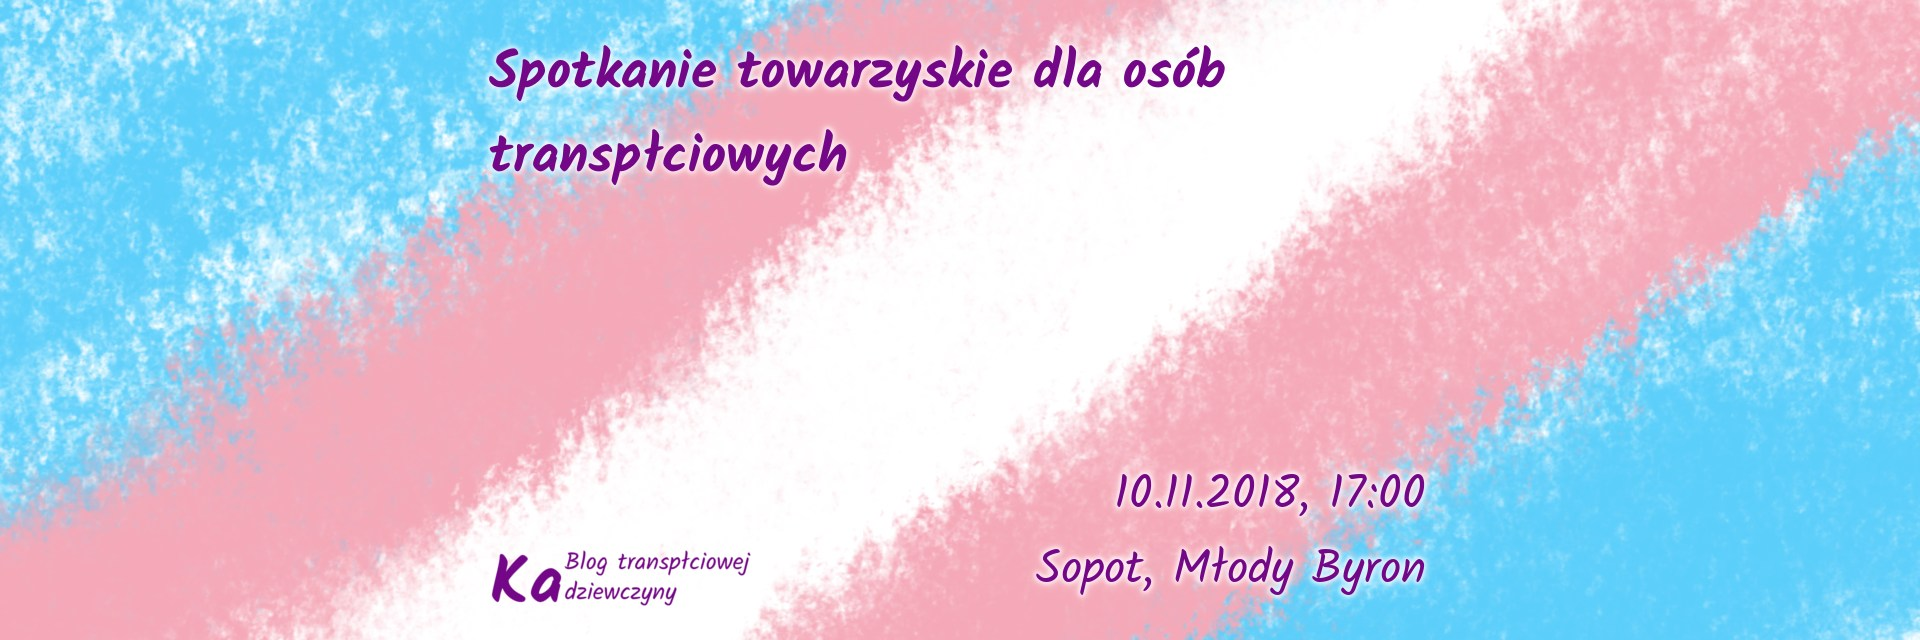 Spotkanie towarzyskie dla osób transpłciowych - 11.10.2018, Sopot, Młody Byron